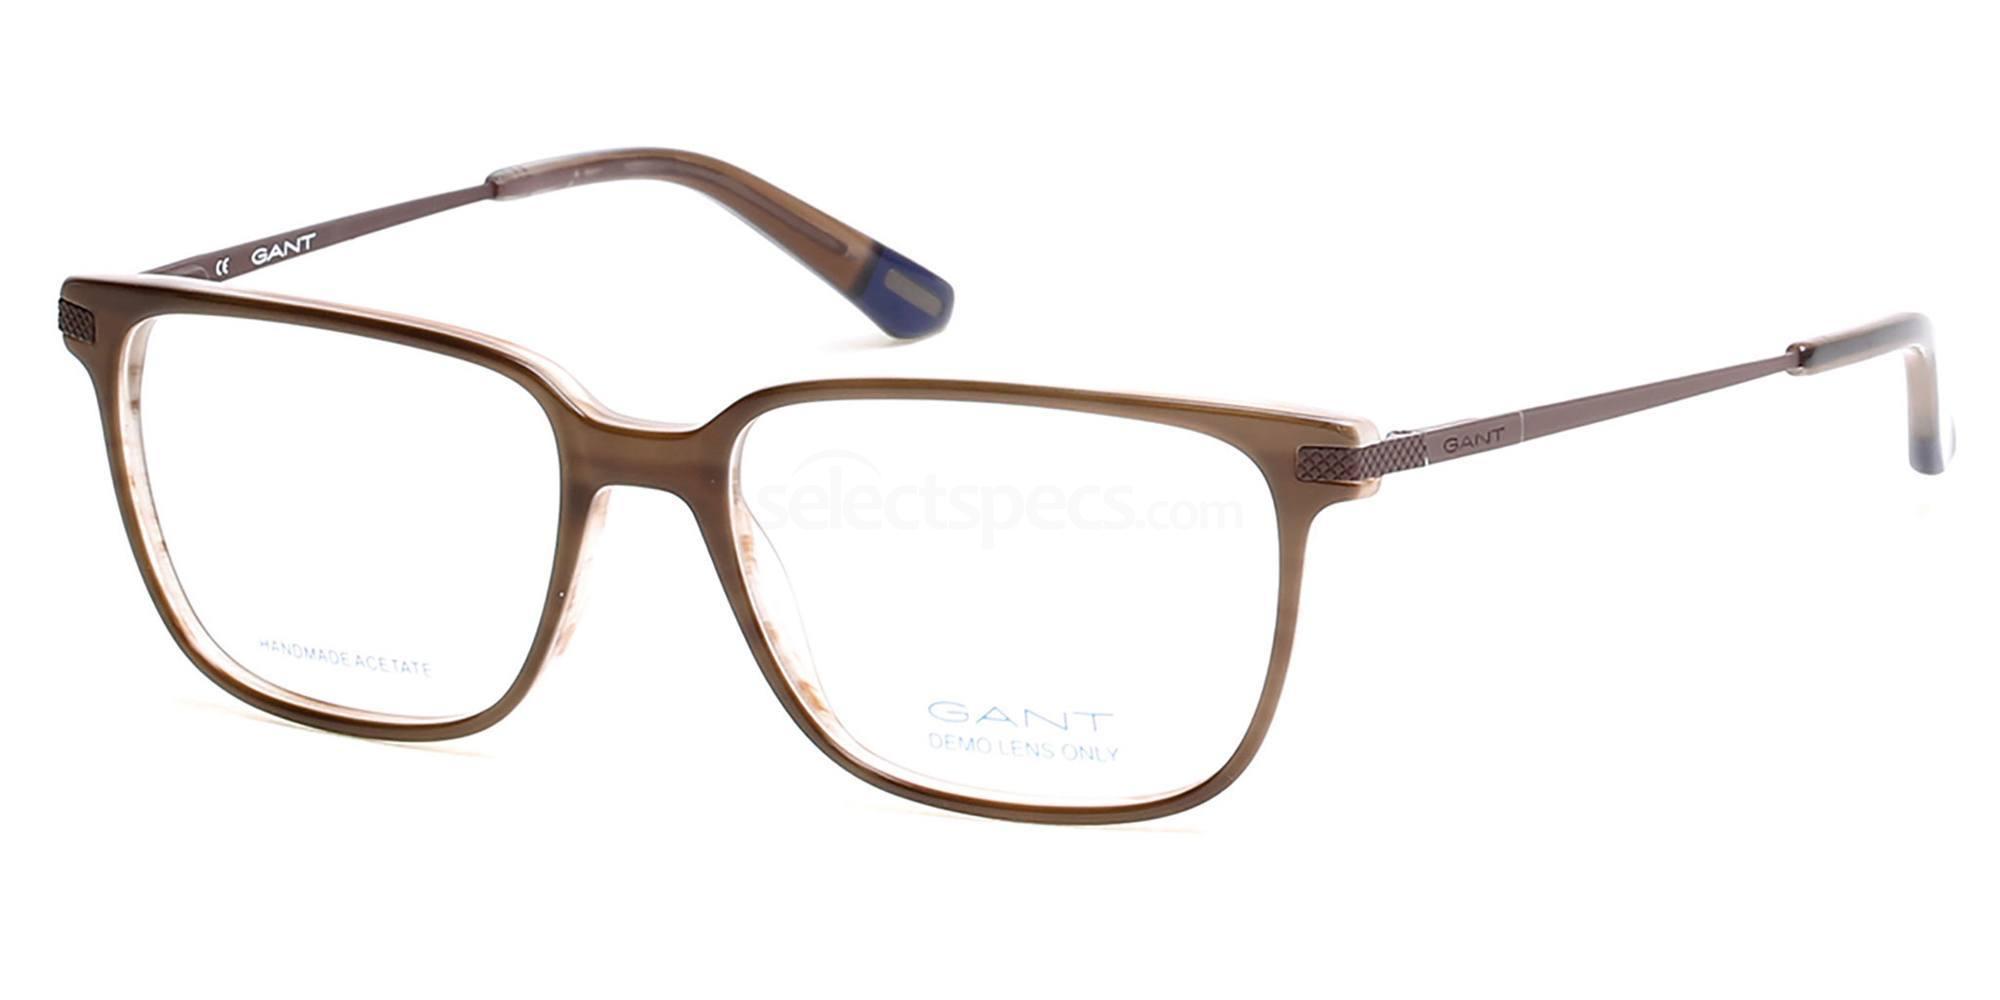 045 GA3112 Glasses, Gant